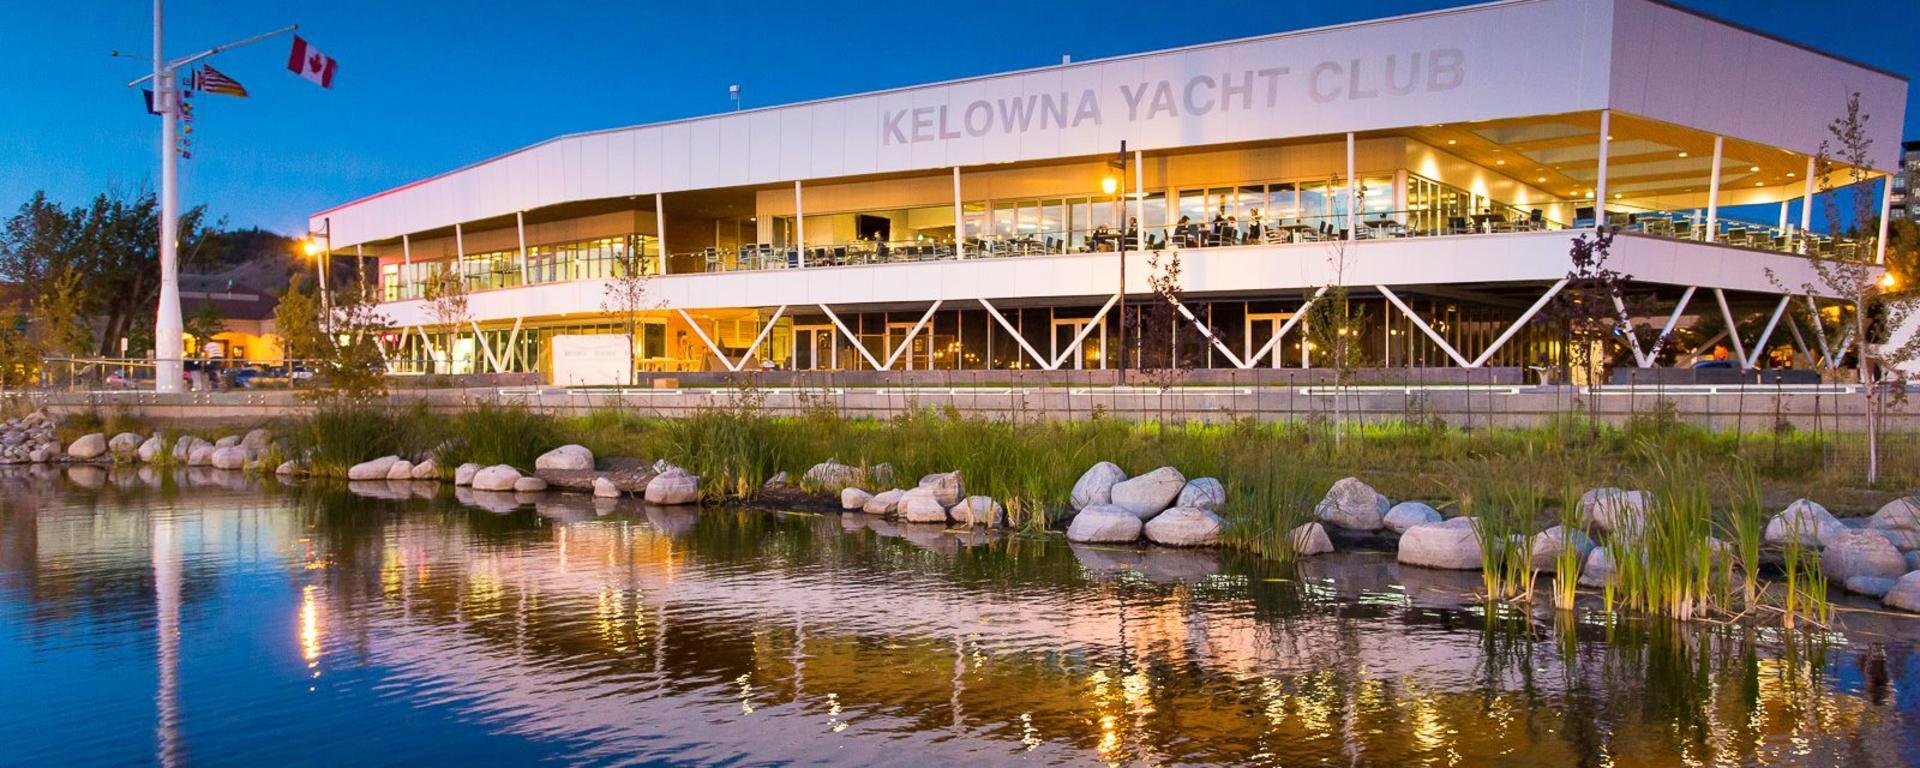 Exterior Yacht Club